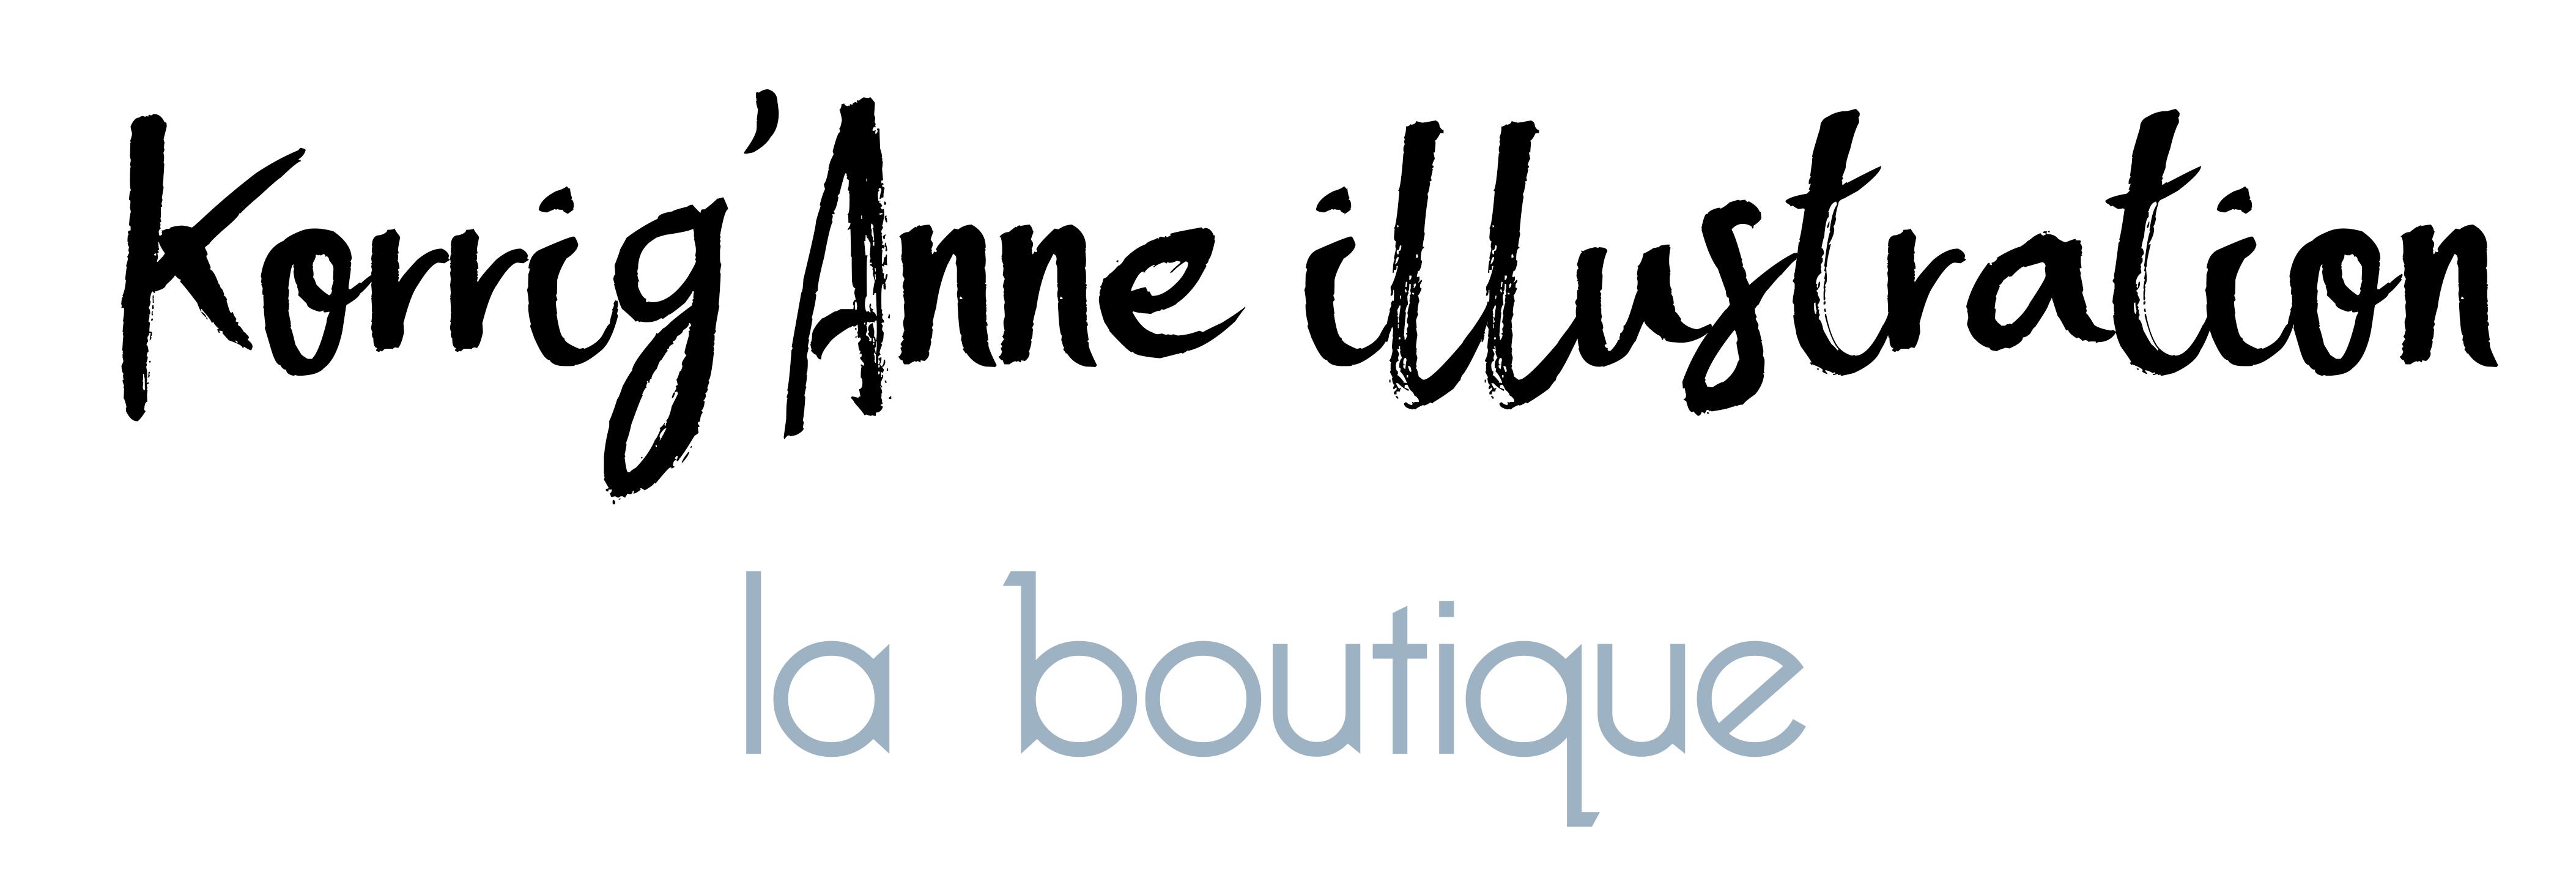 boutique aout19 2.png